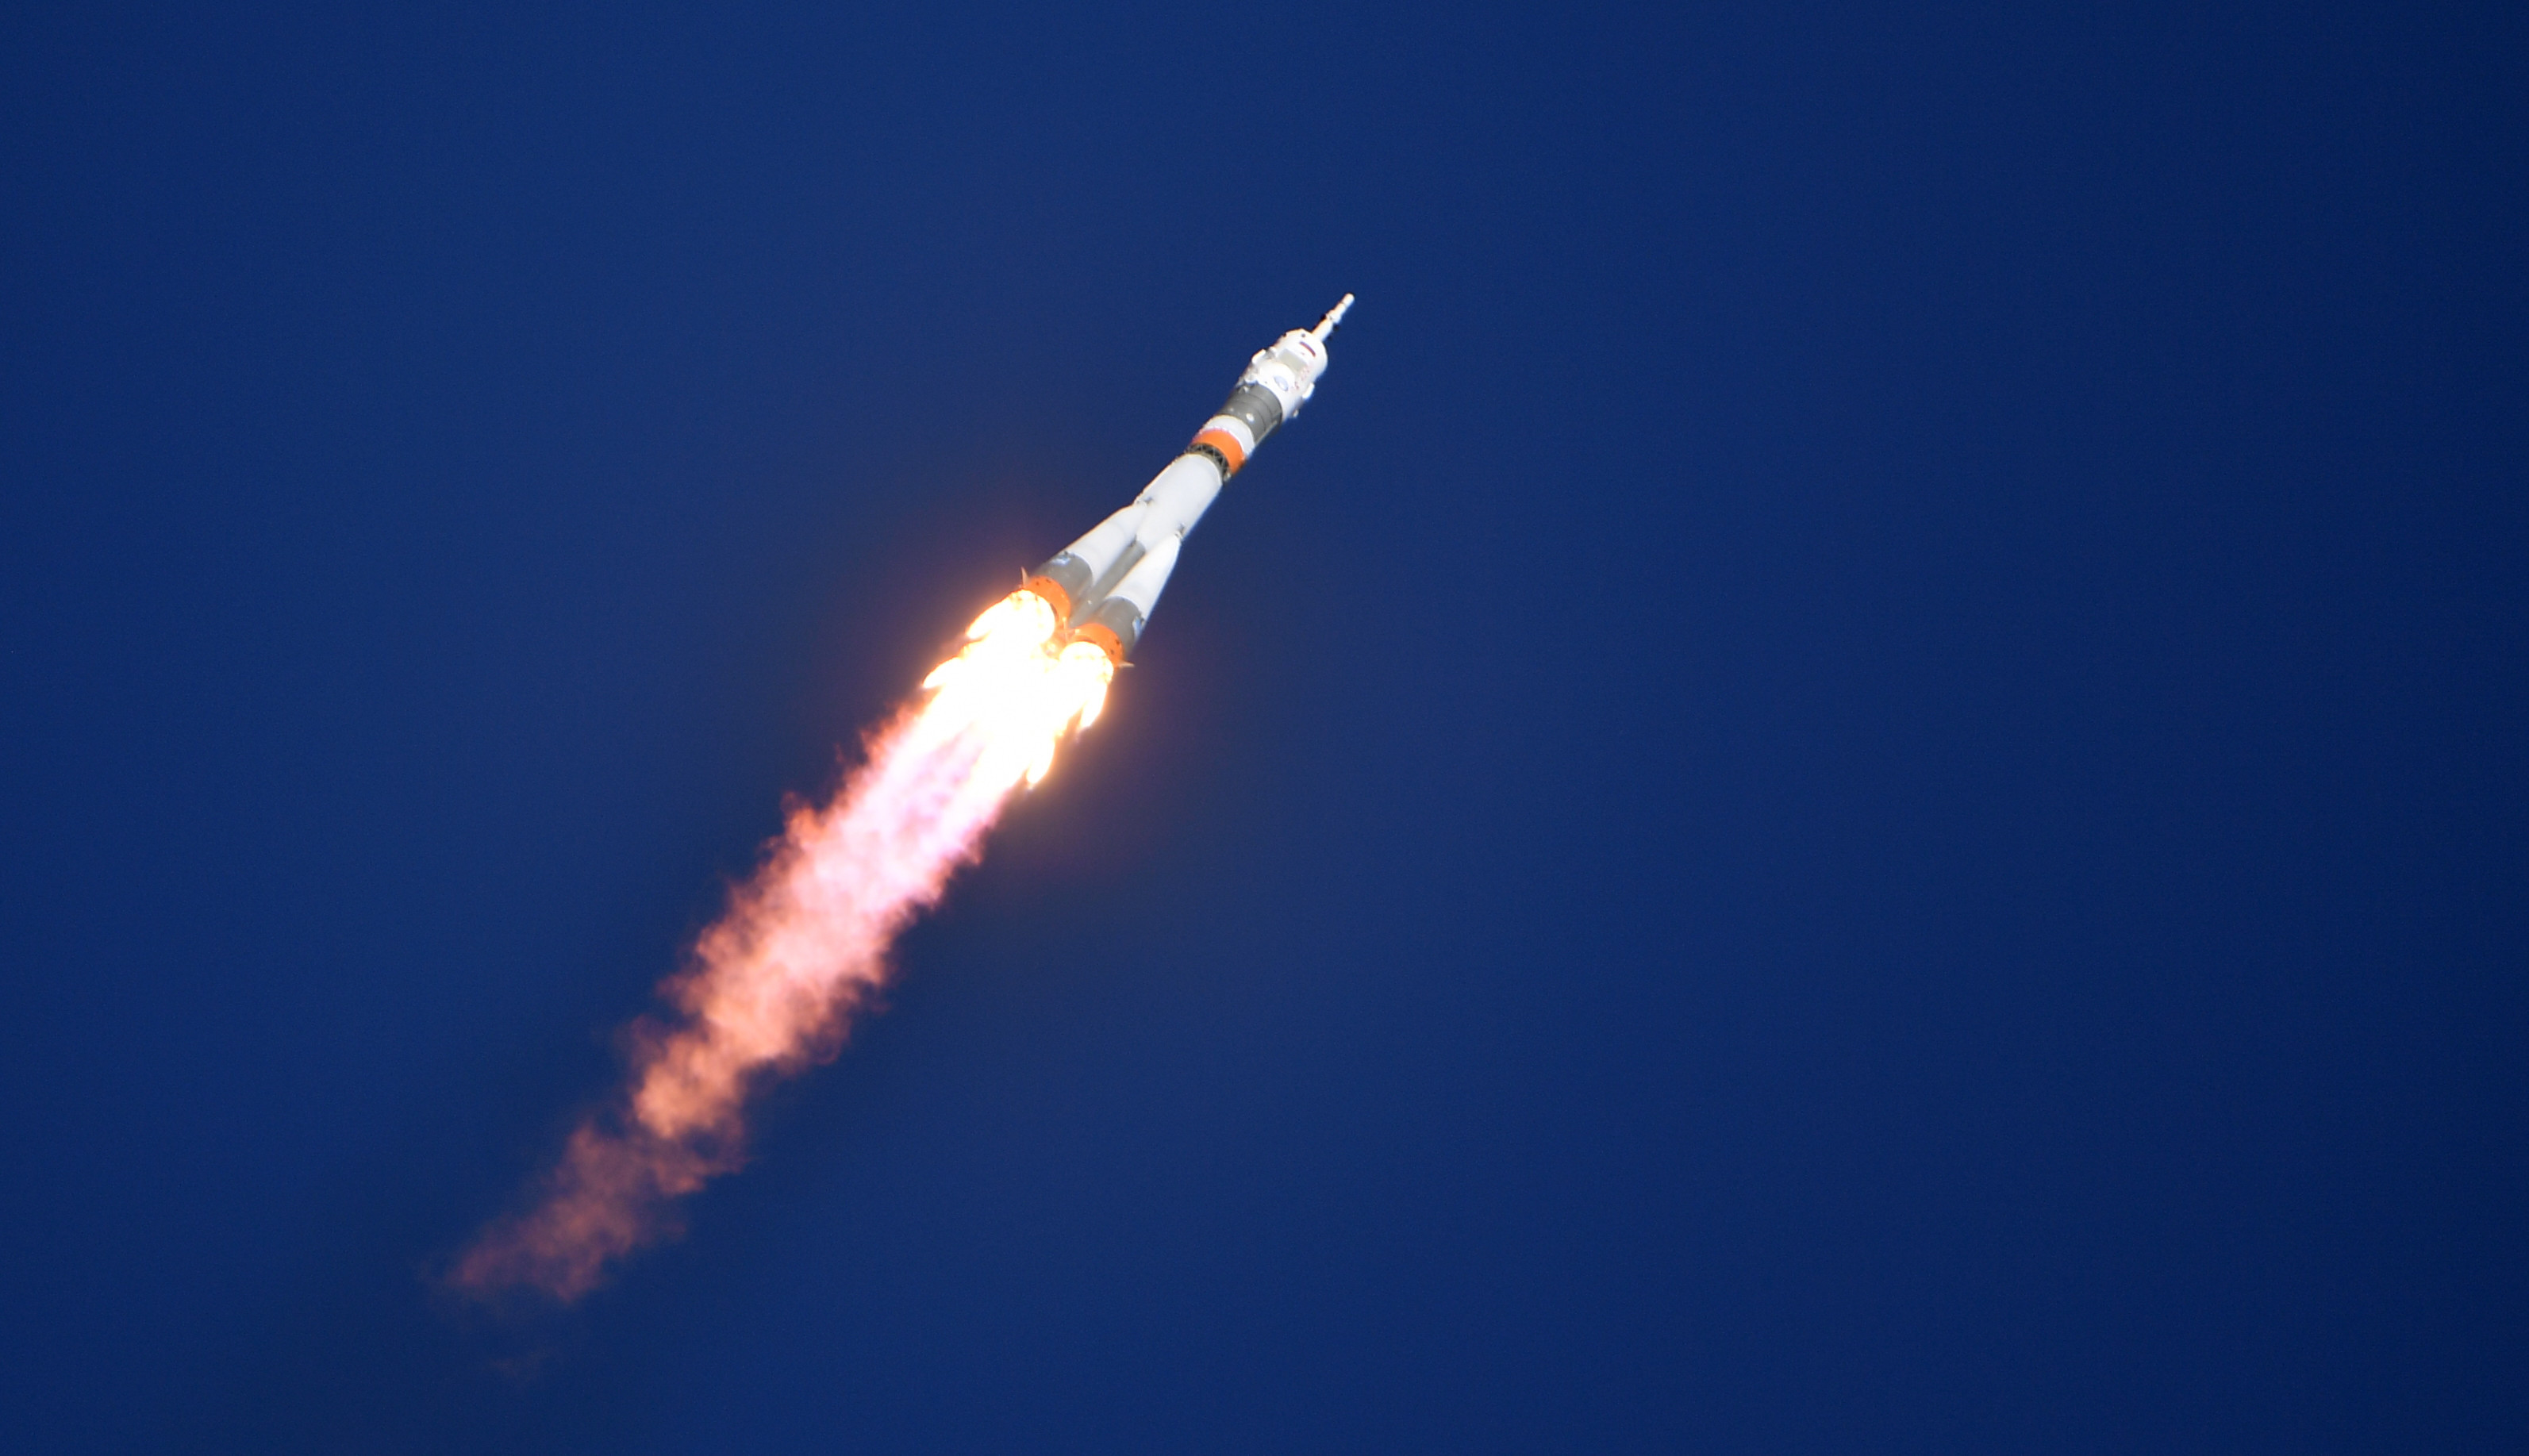 Фото © РИА Новости/Алексей Филиппов